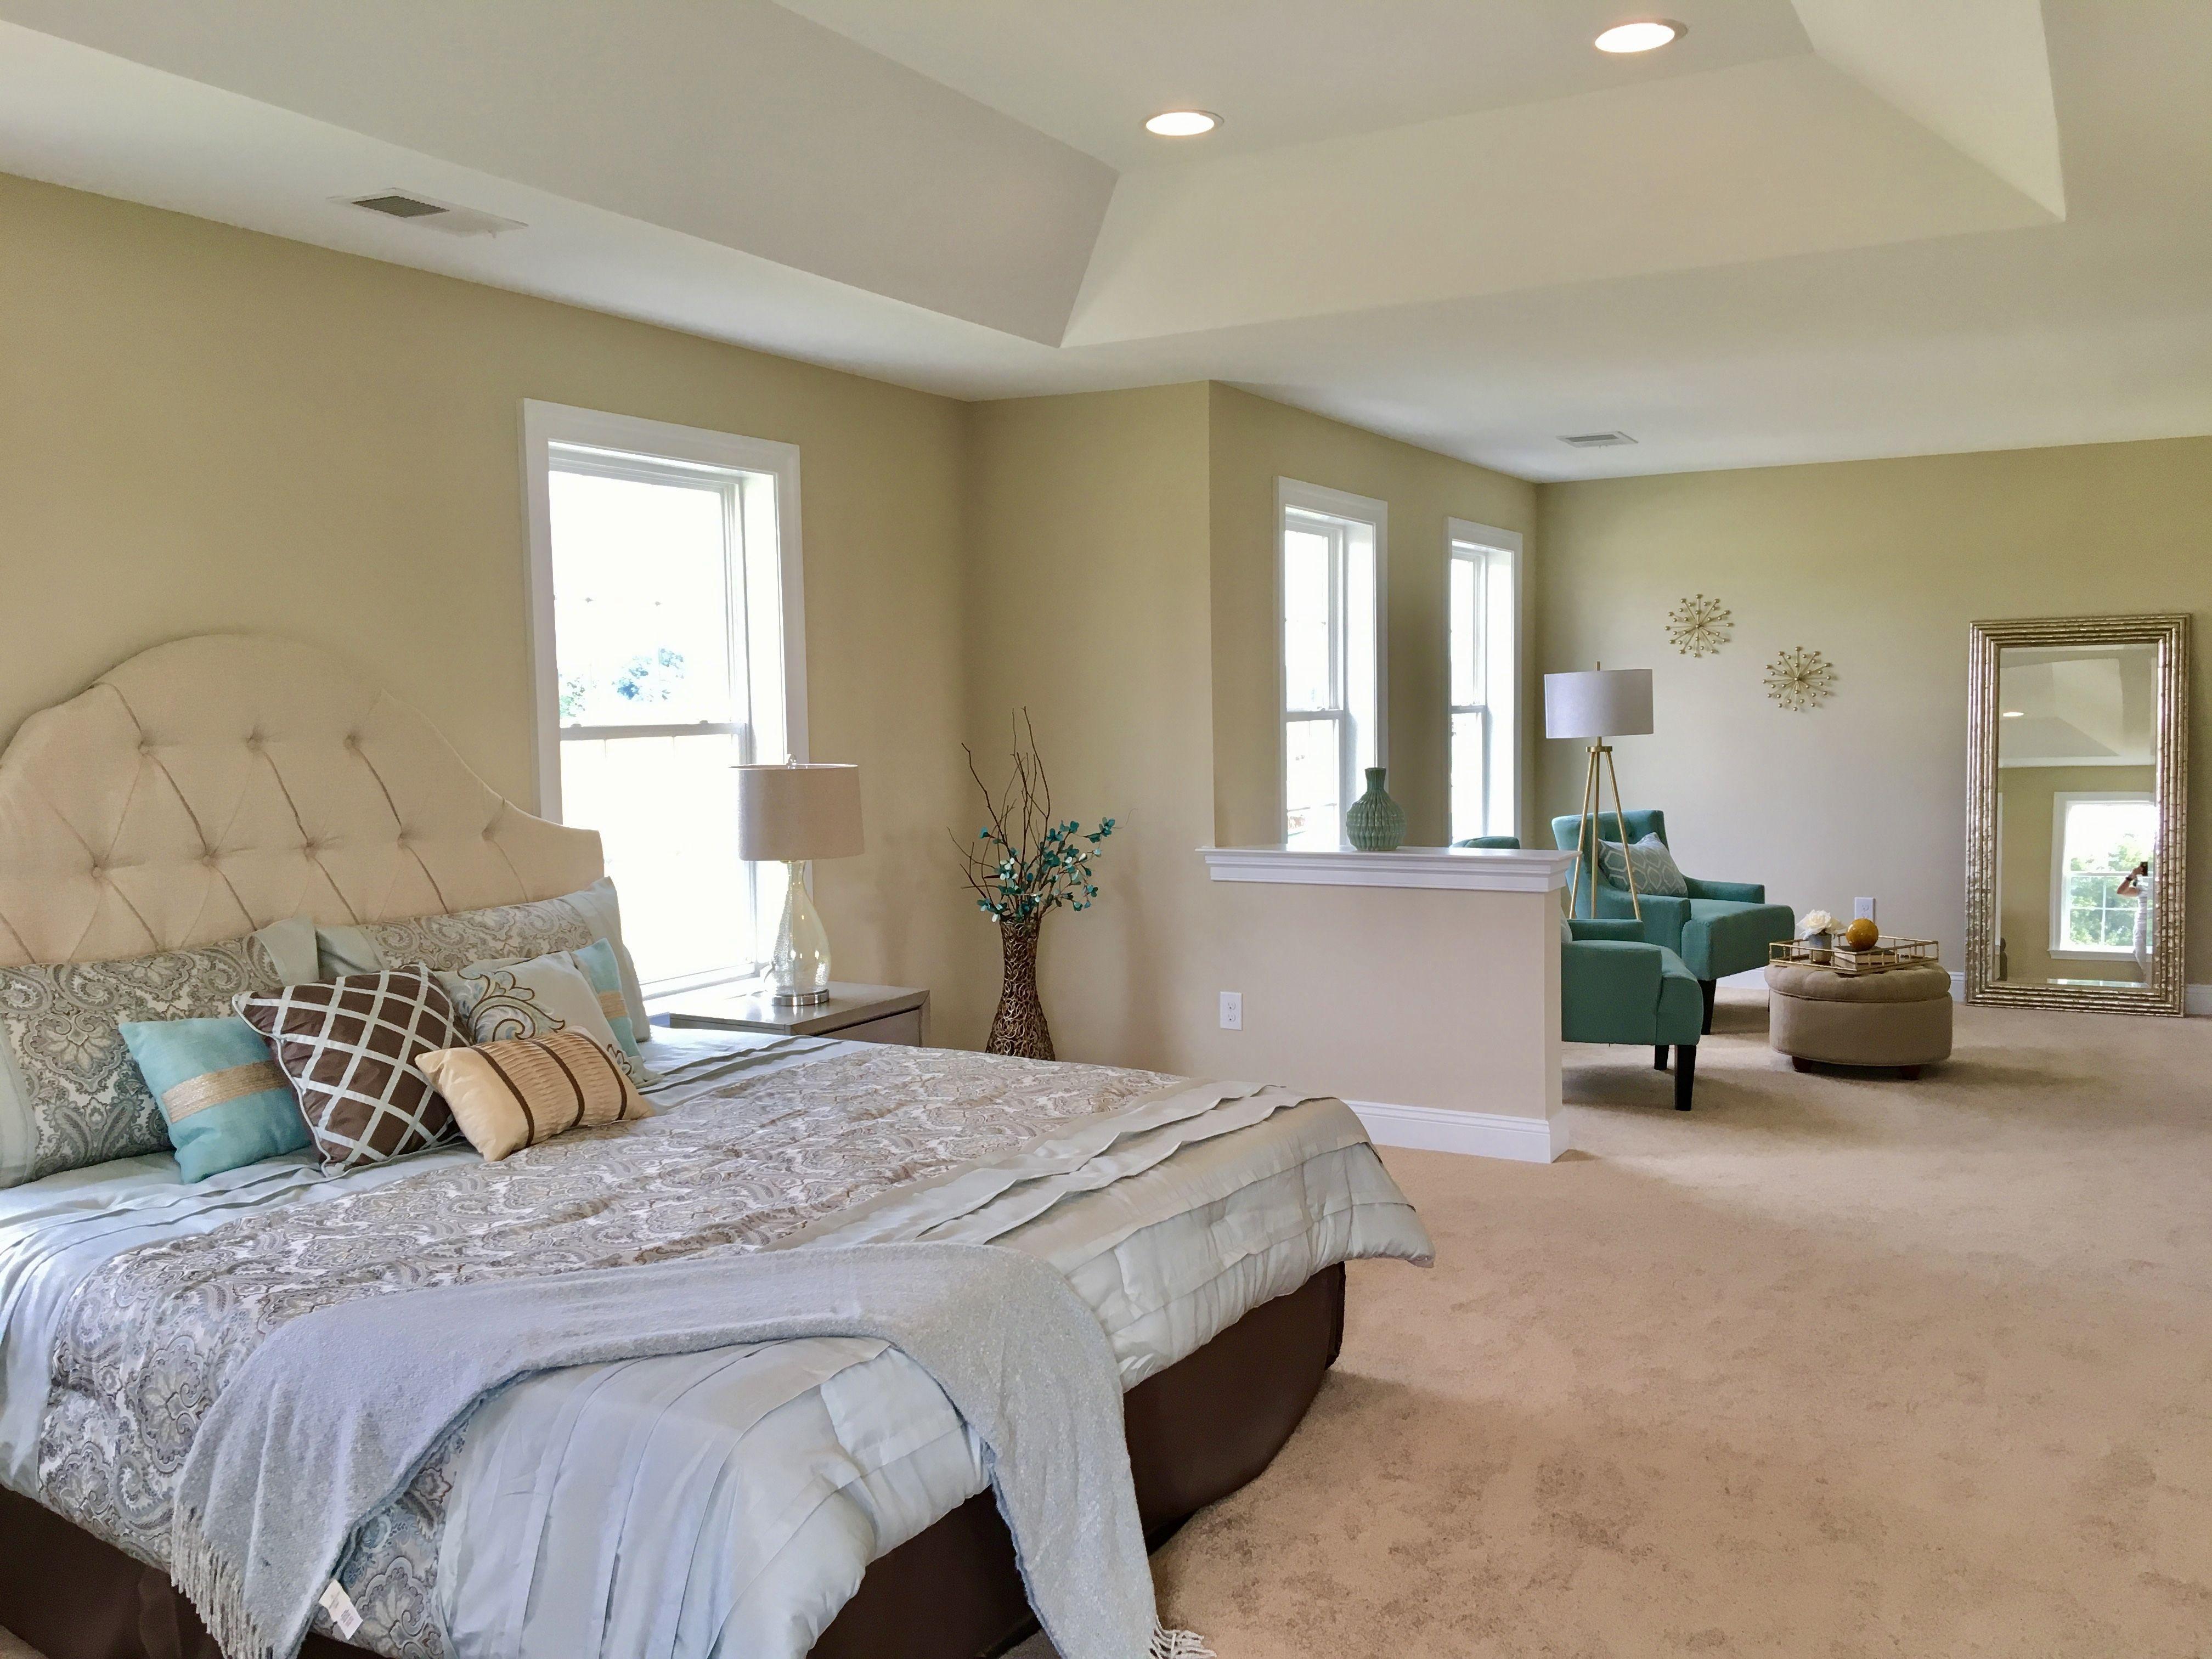 Bedroom featured in The Brandywine By JS Homes in Dover, DE